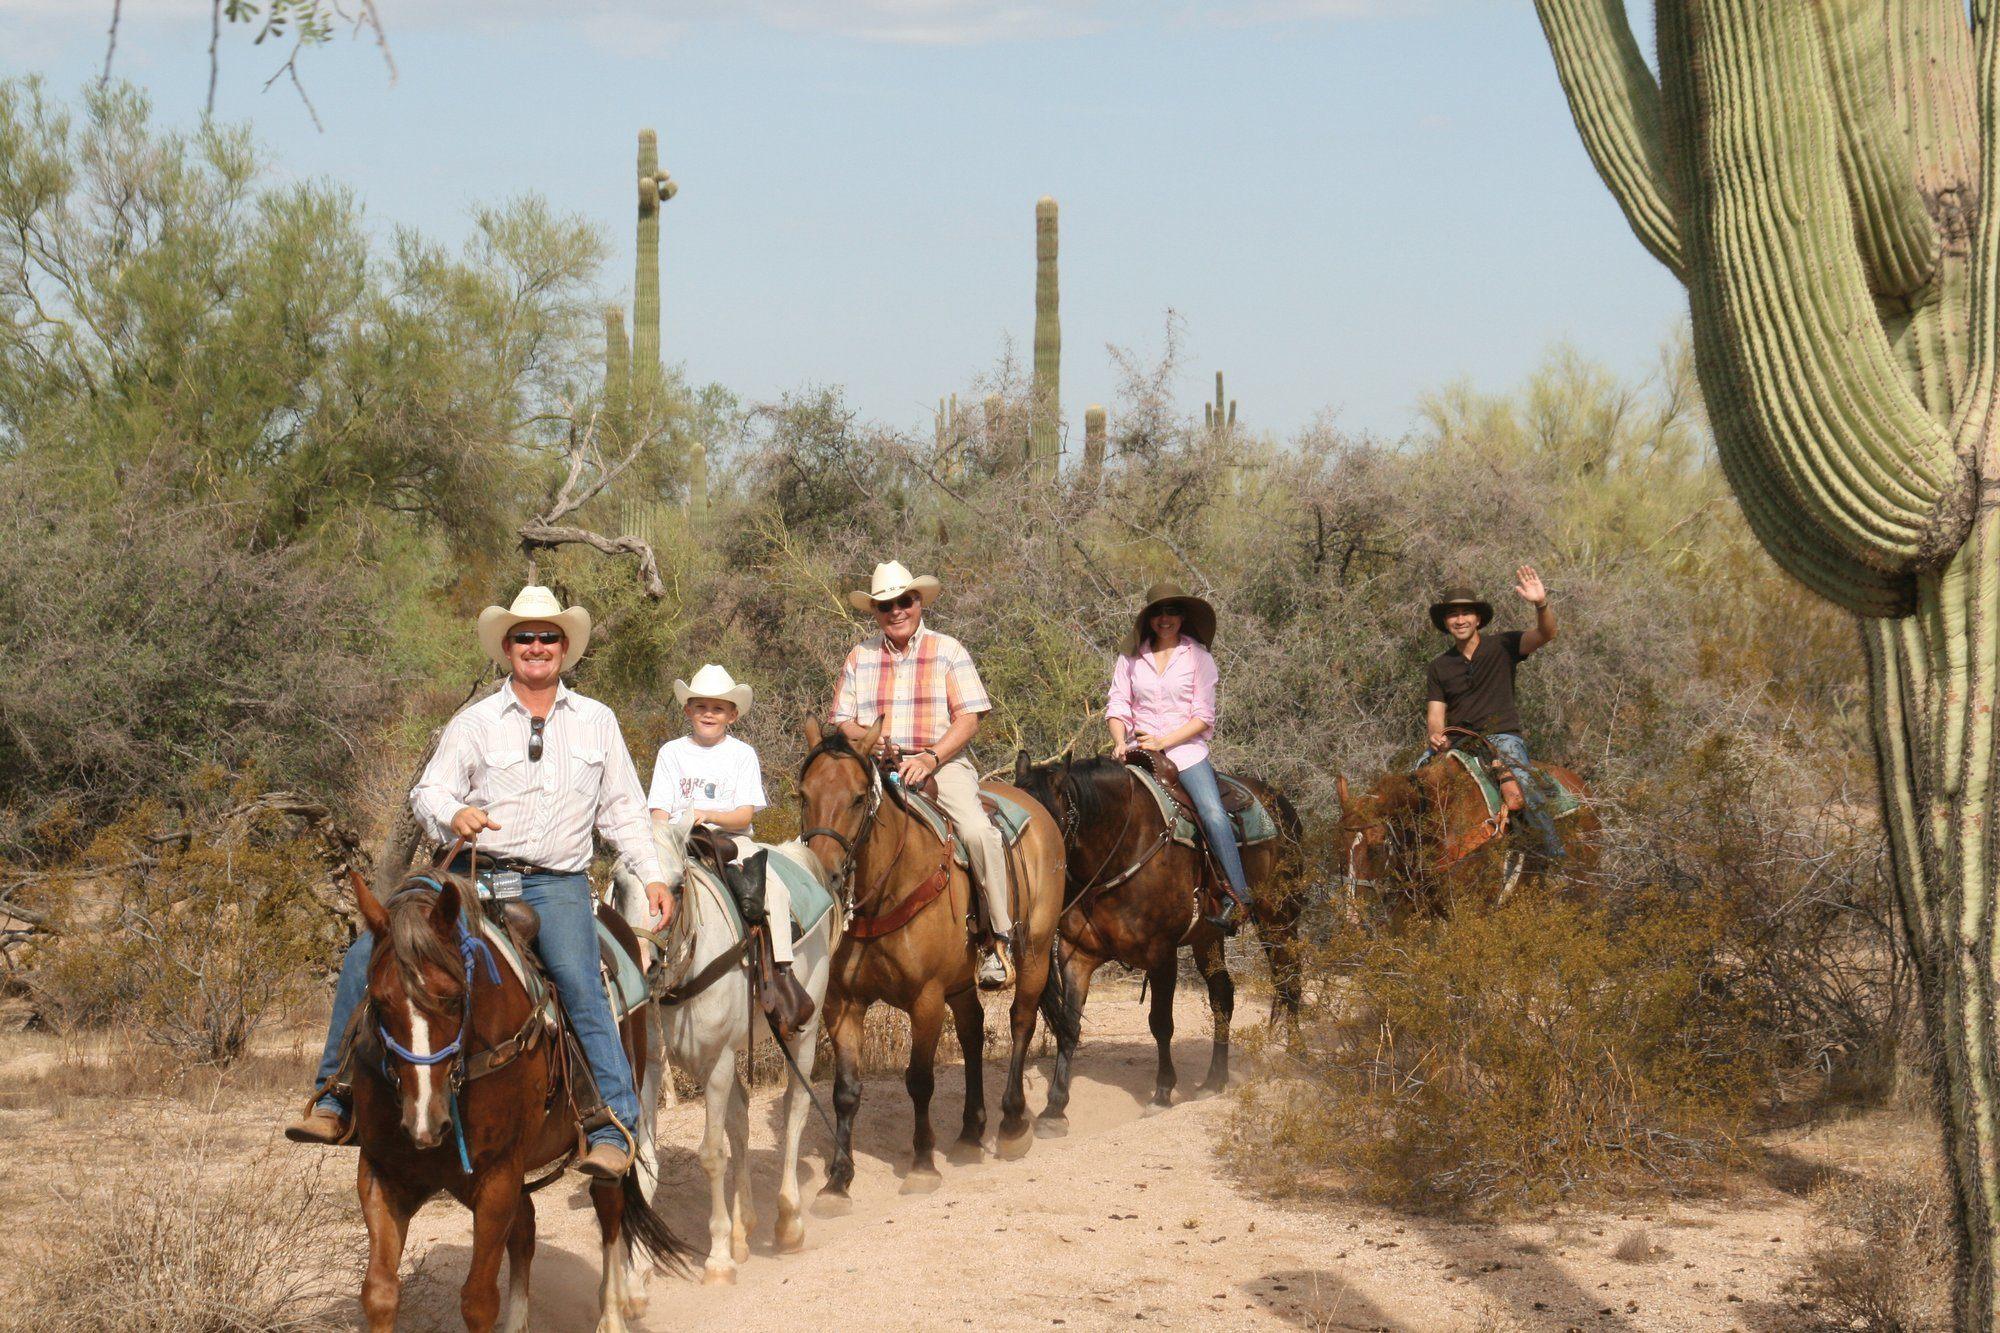 Horseback trail ride at MacDonald's Ranch